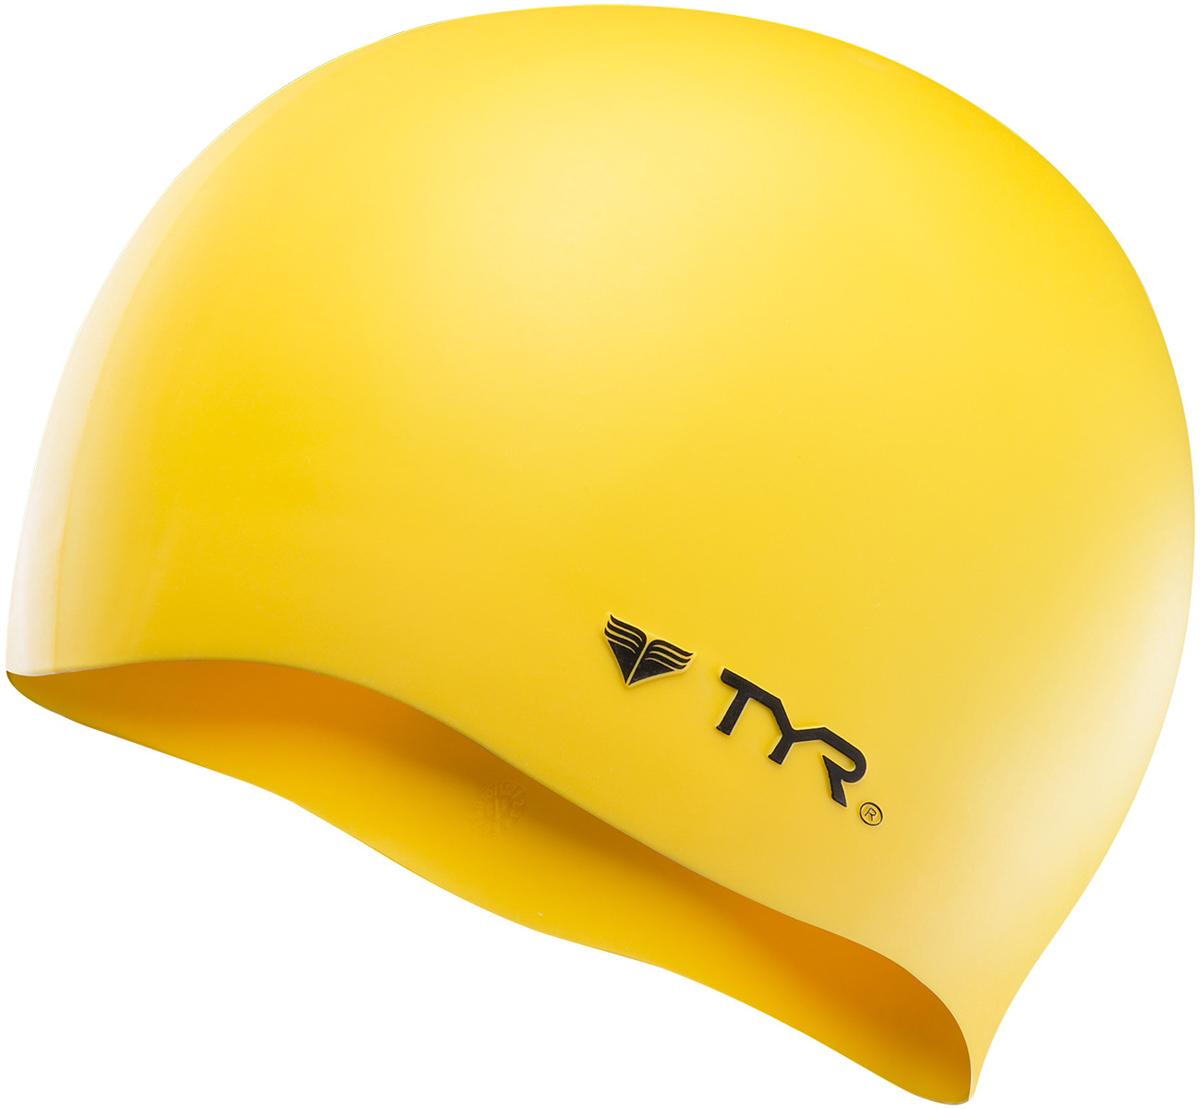 Шапочка для плавания Tyr Wrinkle Free Silicone Cap, цвет: желтый. LCSLCSСиликоновая шапочка TYR Wrinkle Free – изготовлена из высококачественного материала устойчивого к воздействию хлорированной воды, что гарантирует долгий срок службы. Материал шапочки не вызывает раздражения кожи и других аллергических реакций. Прекрасный вариант для тренировок в бассейне.